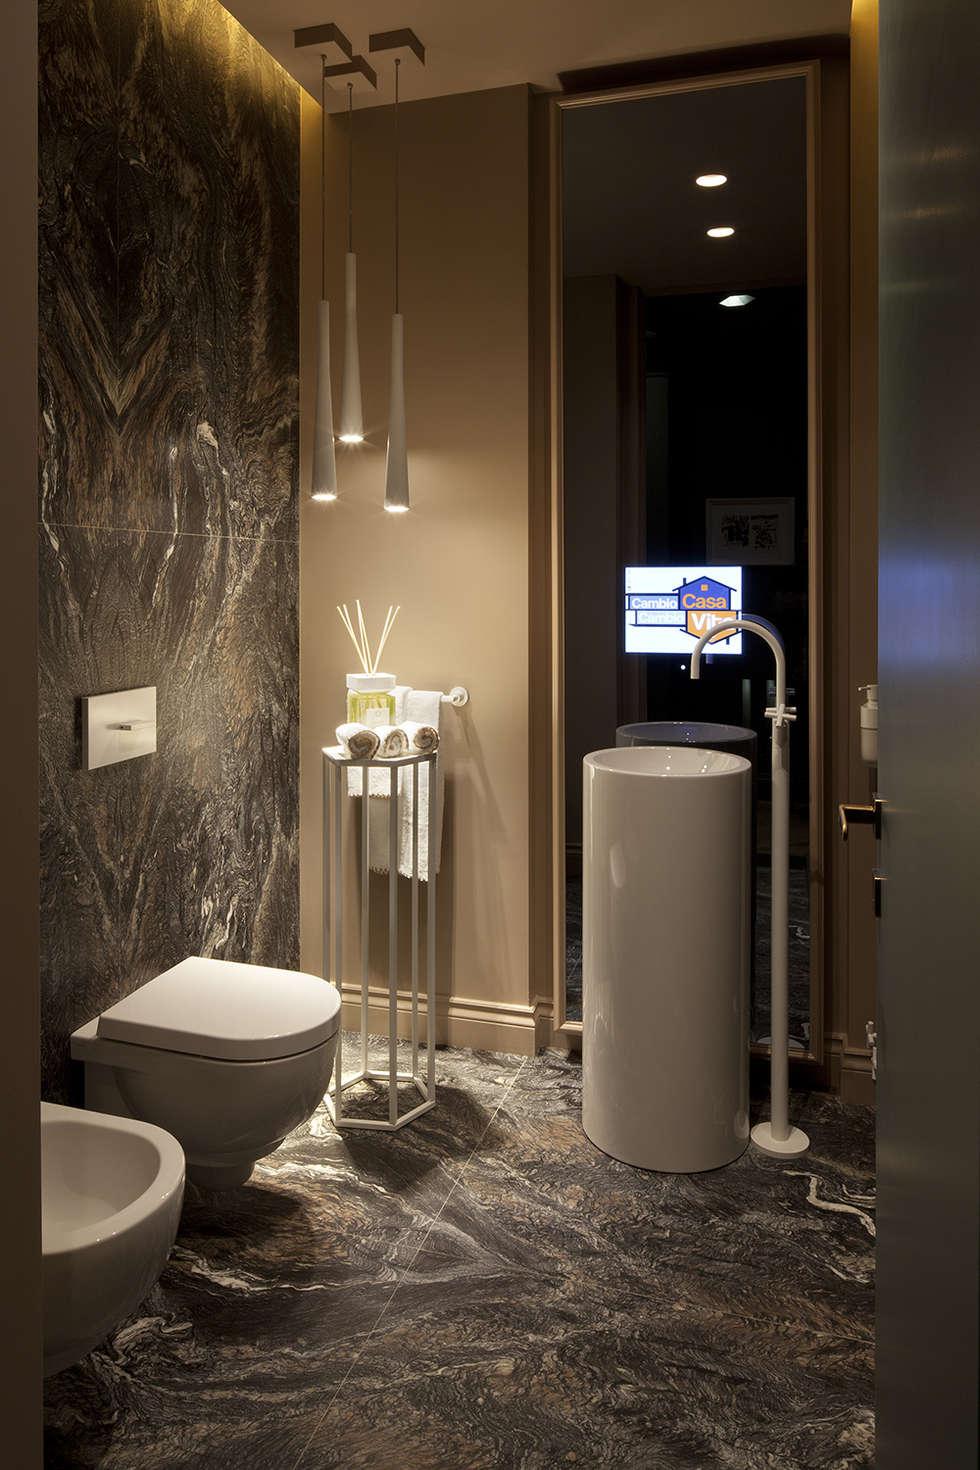 Idee arredamento casa interior design homify - Andrea castrignano bagno ...